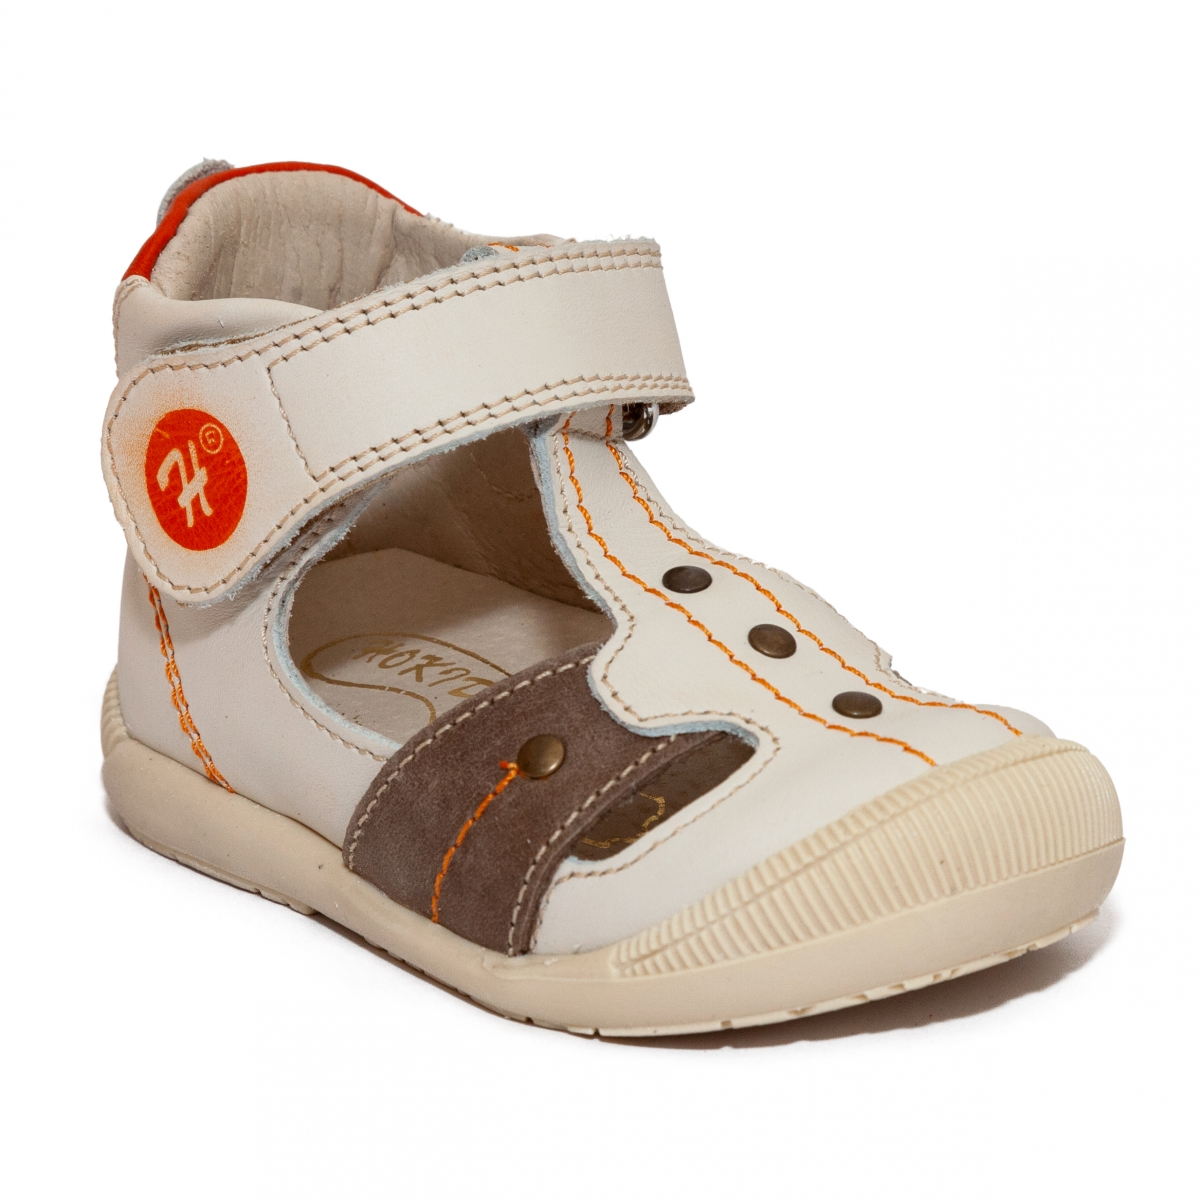 Sandale ortopedice copii 273 bej maro 18-24